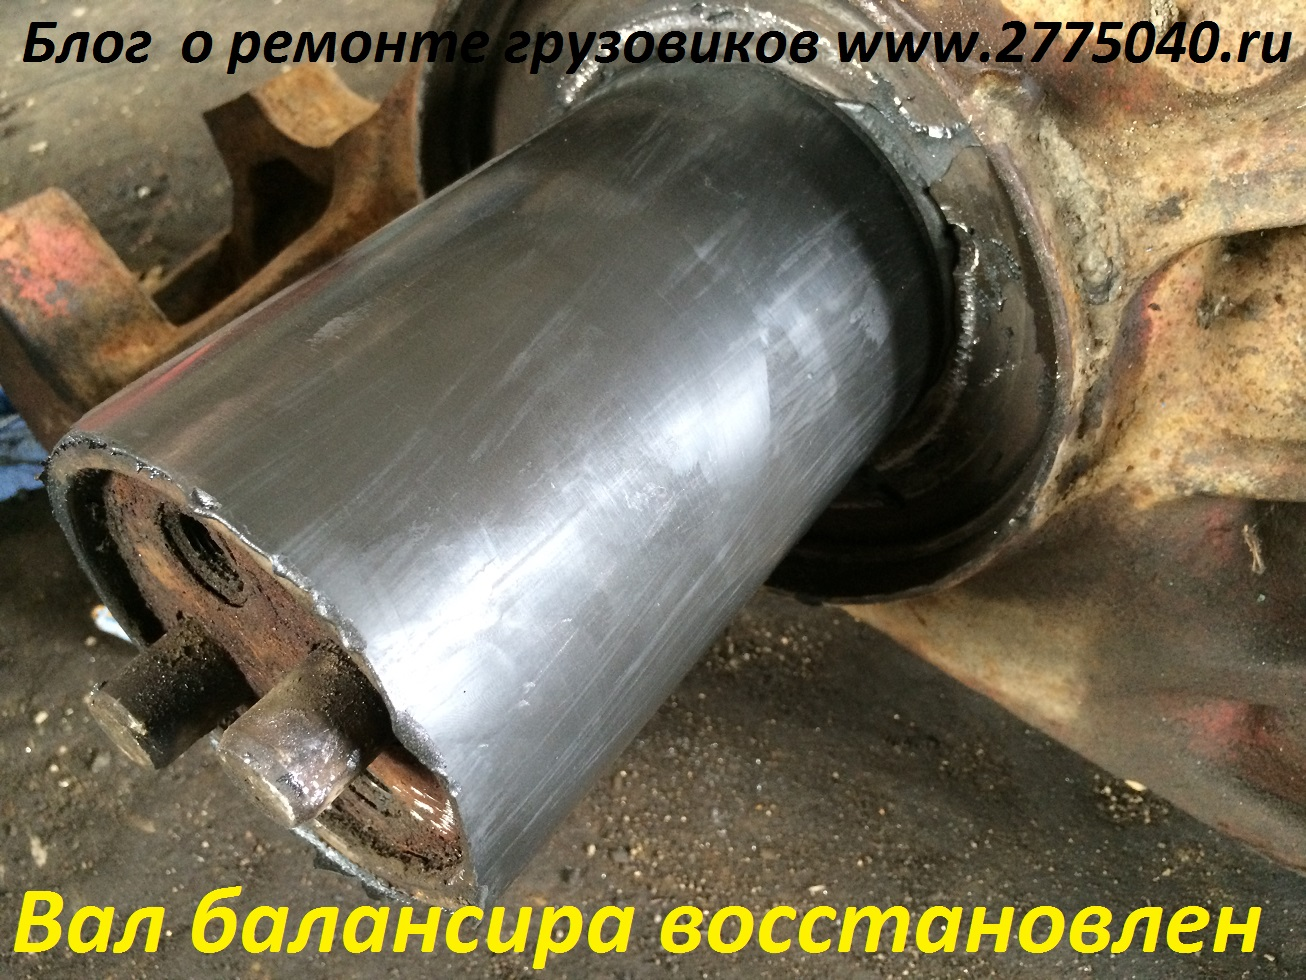 Вал балансира. Ремонт, восстановление. Автосервис Первый. Владивосток